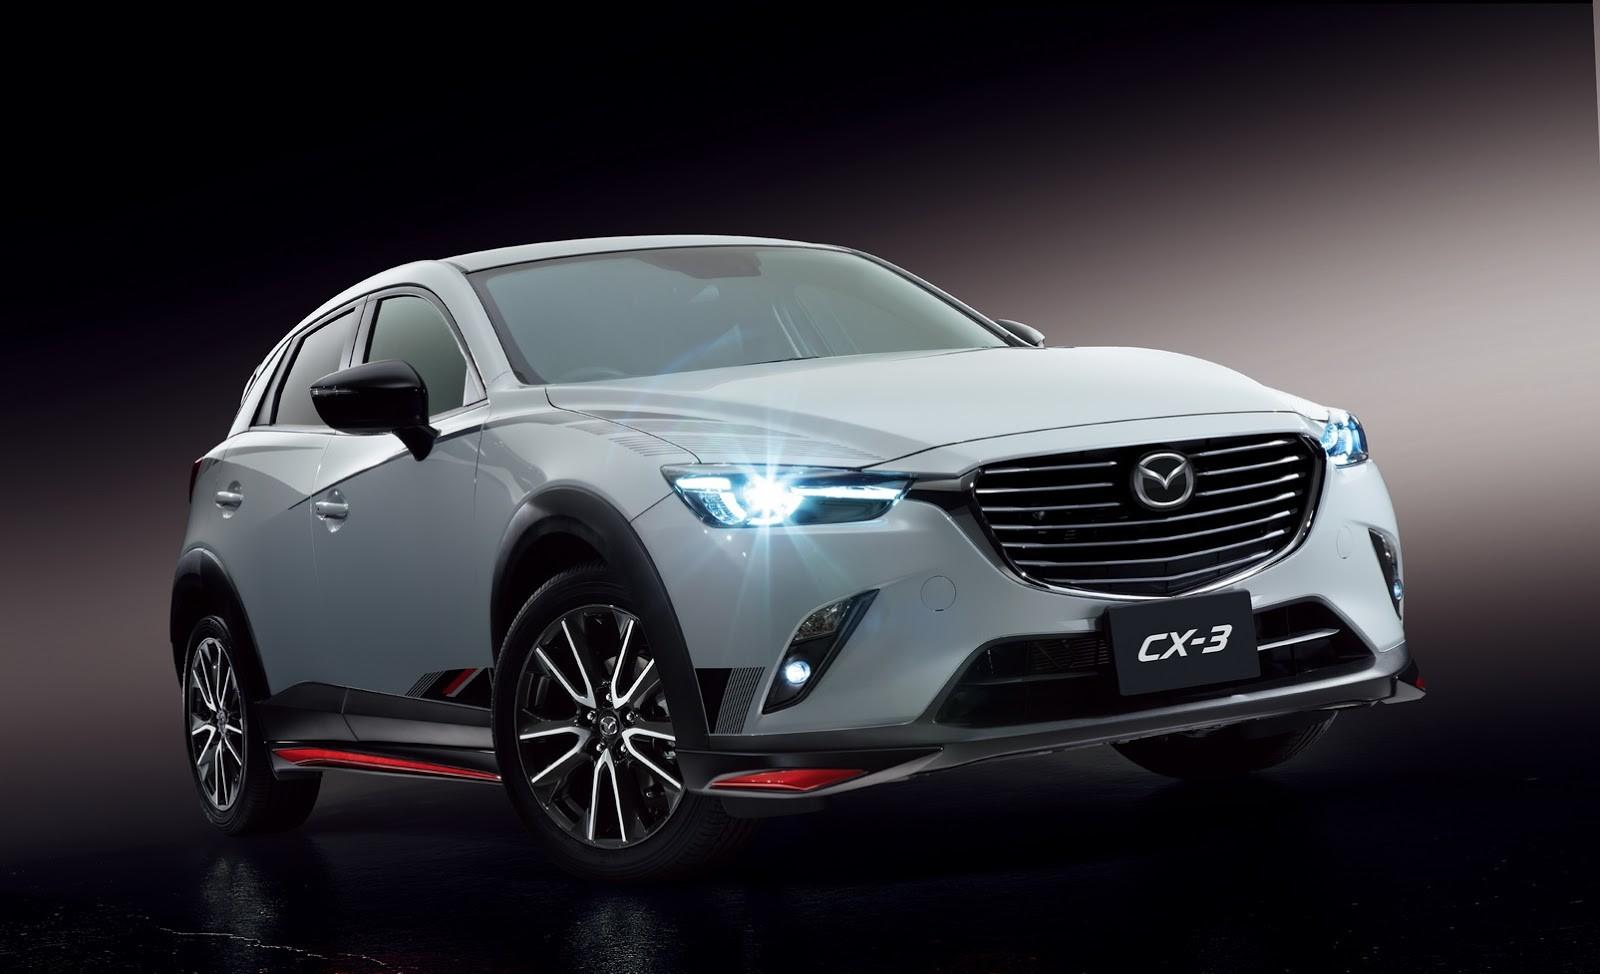 Accesorios para Mazda CX-3 - CX-5